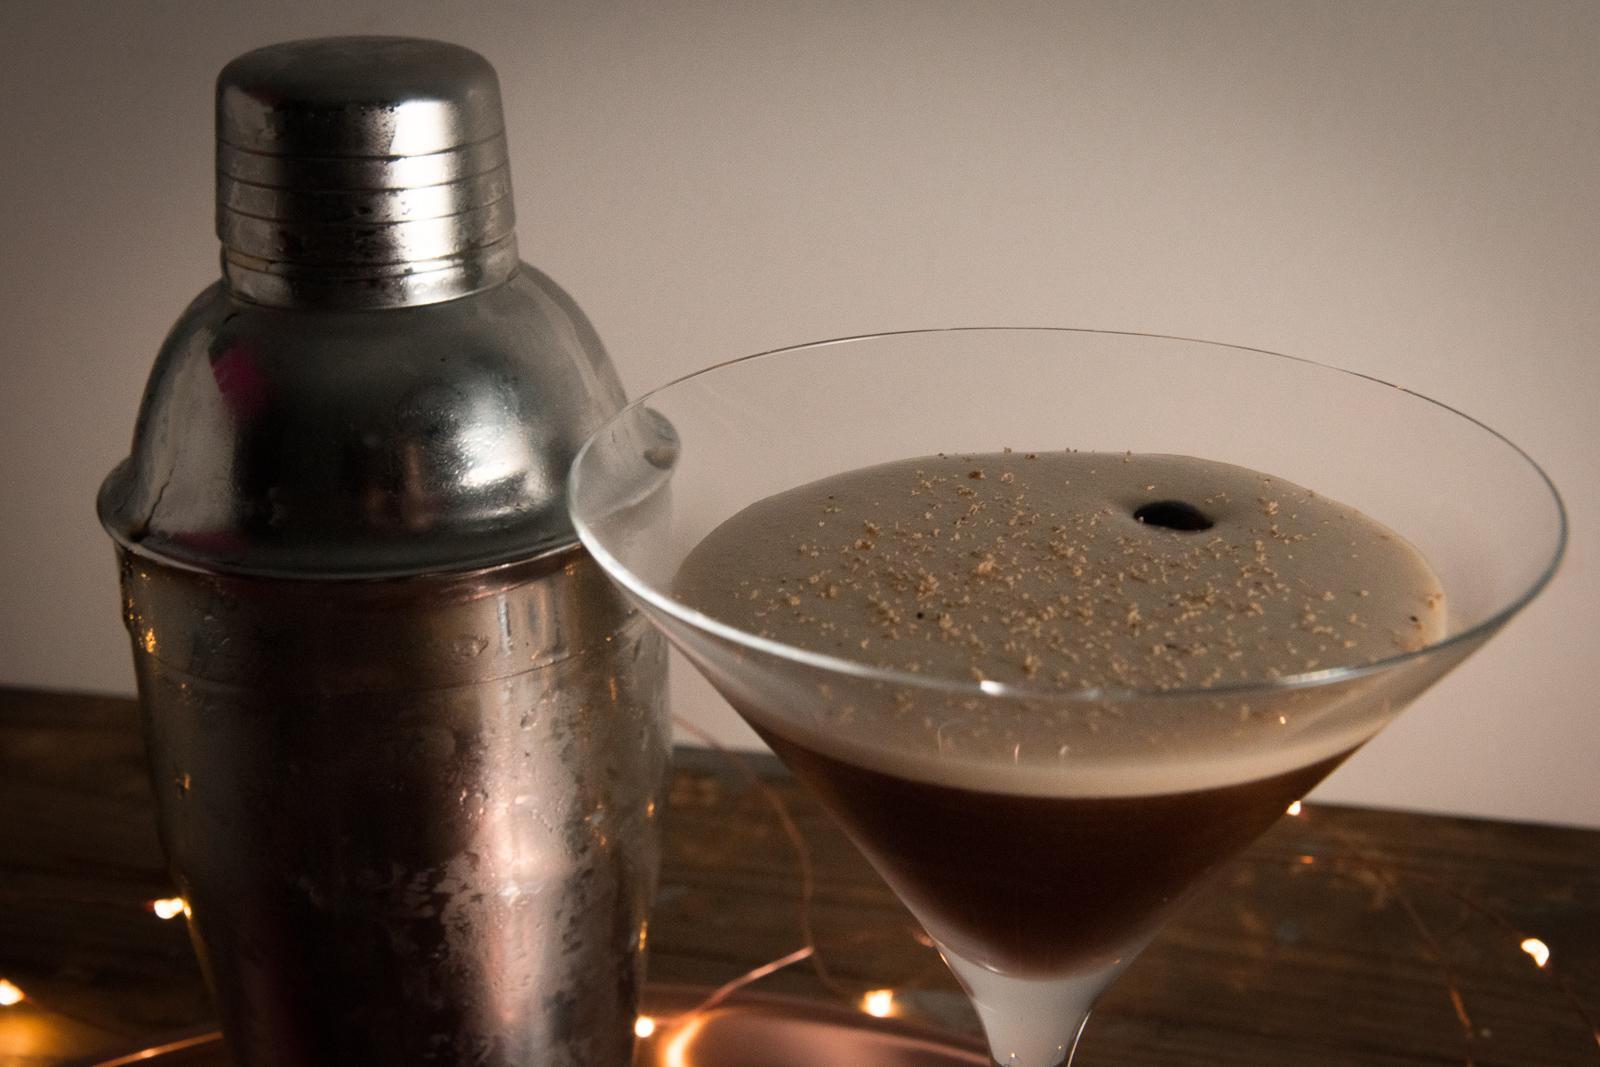 espresso martini and boston shaker